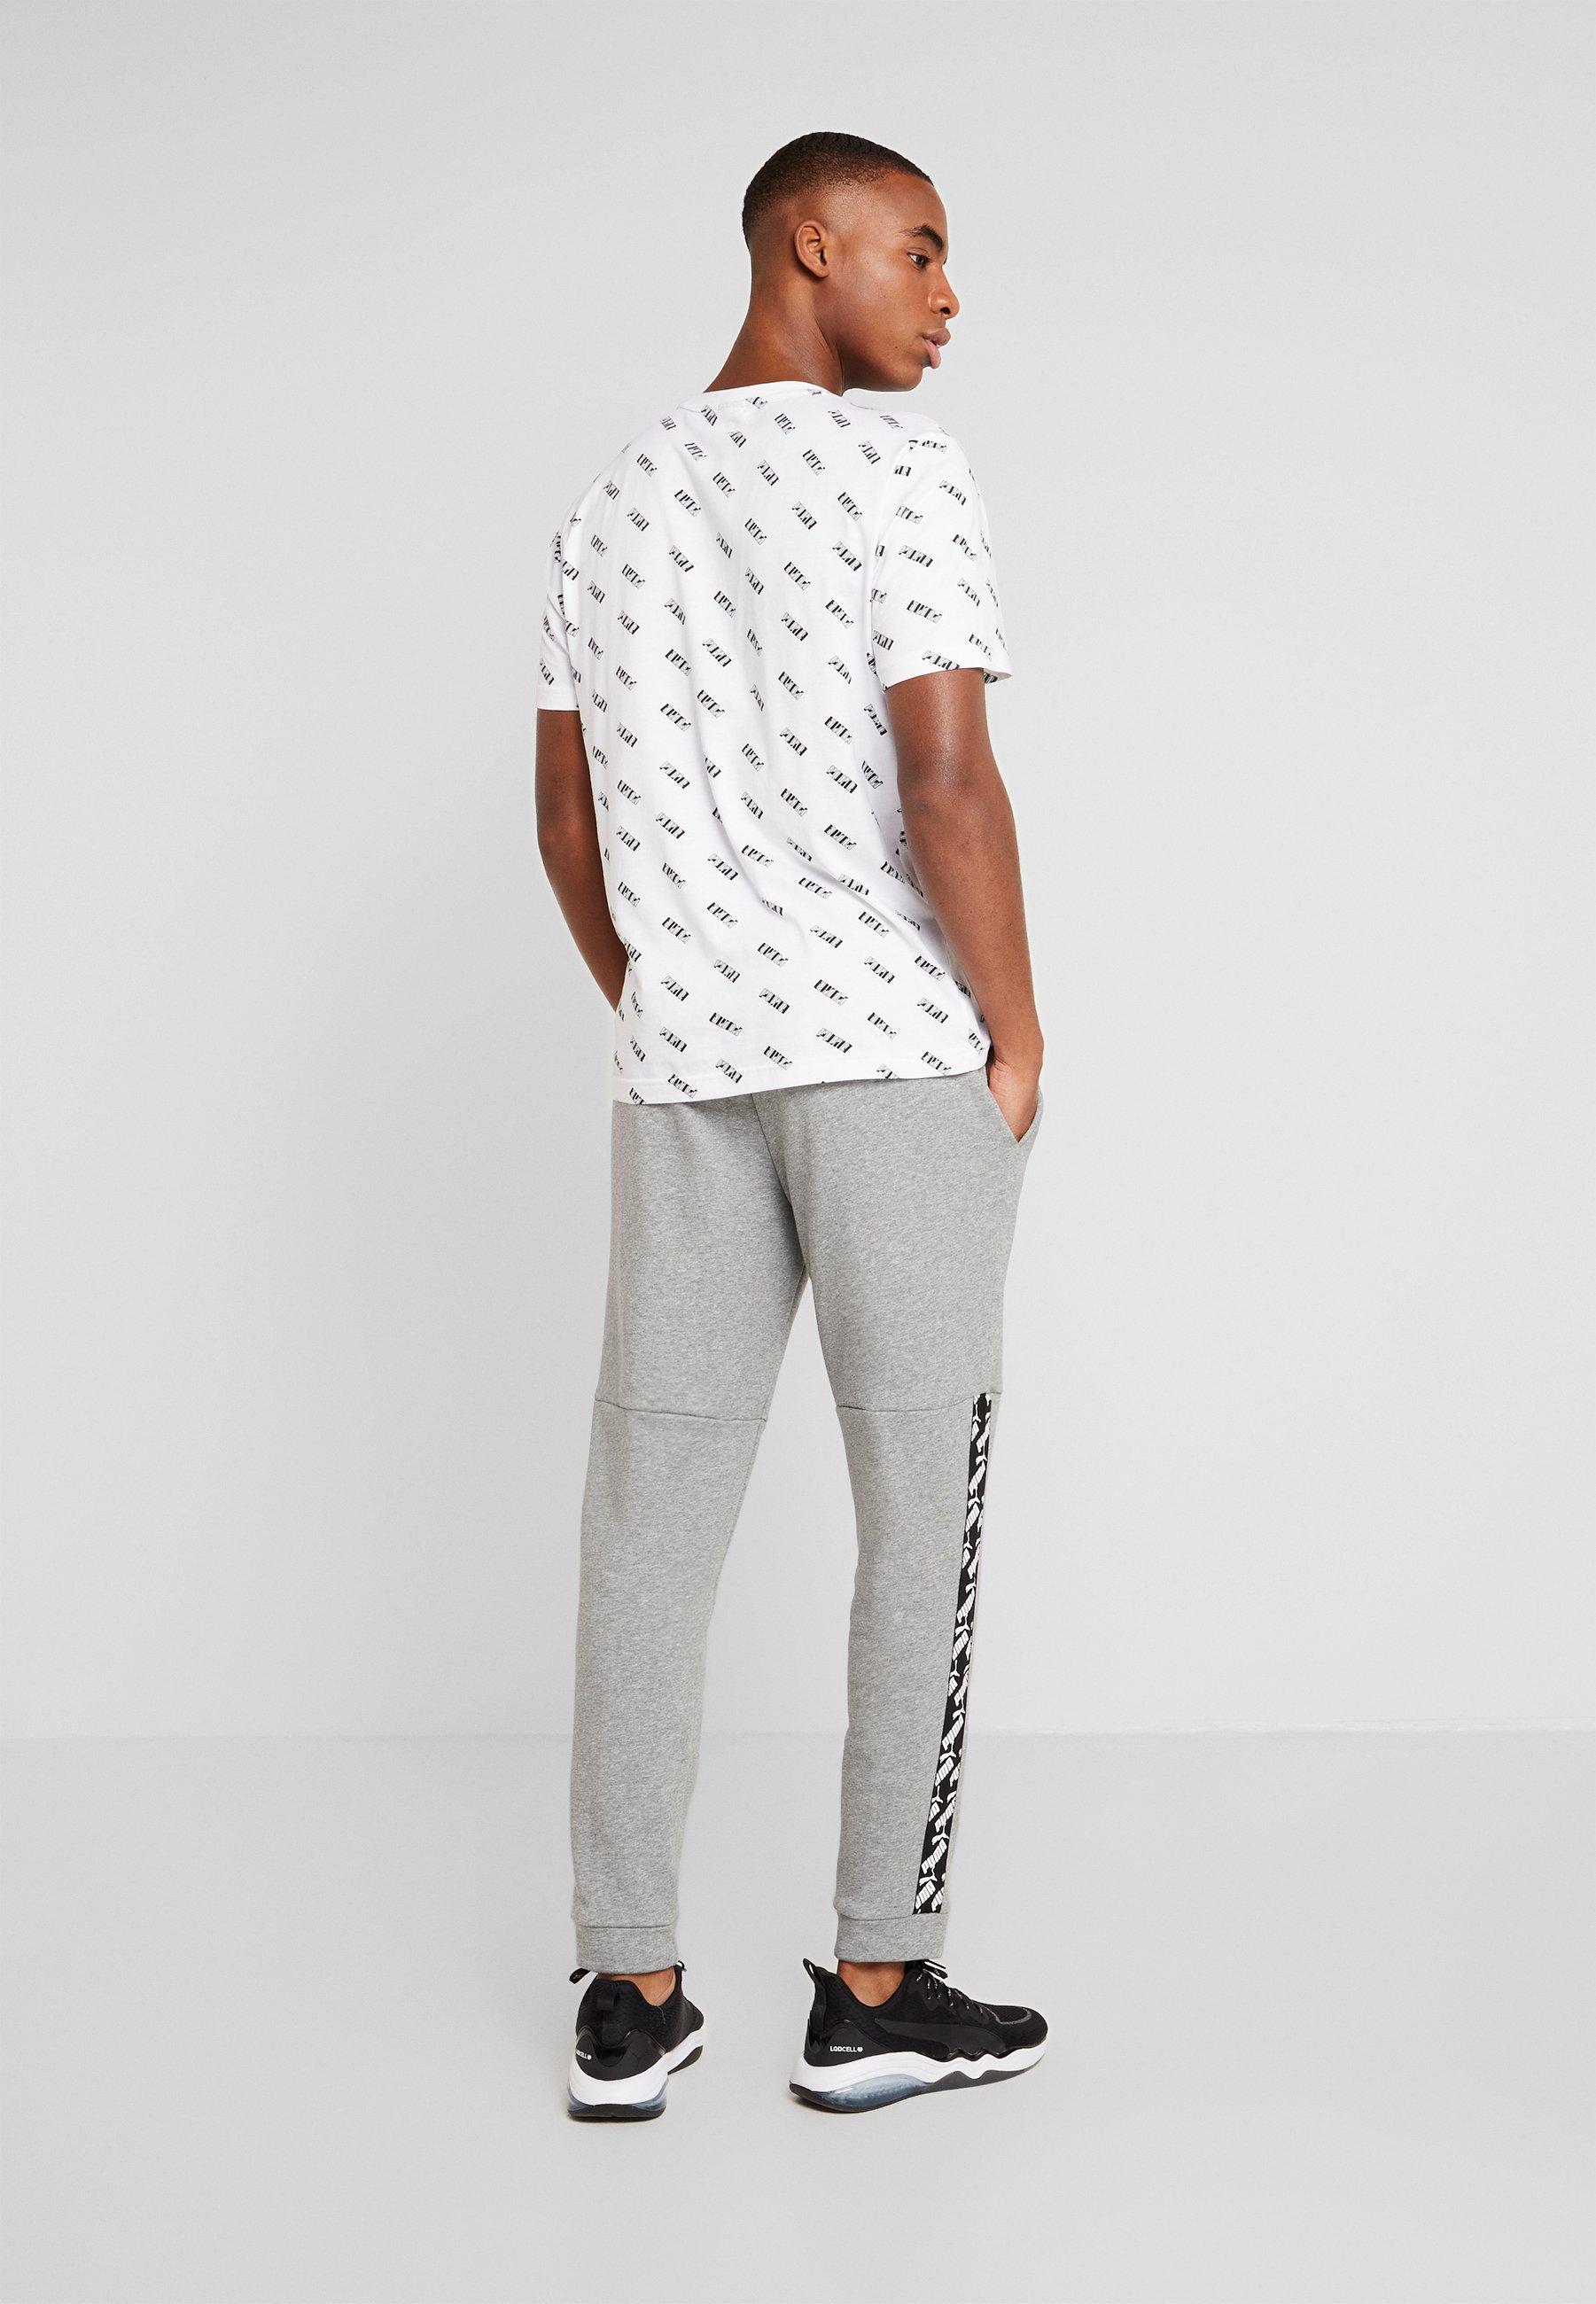 Puma Amplified Pants - Træningsbukser Medium Gray Heather